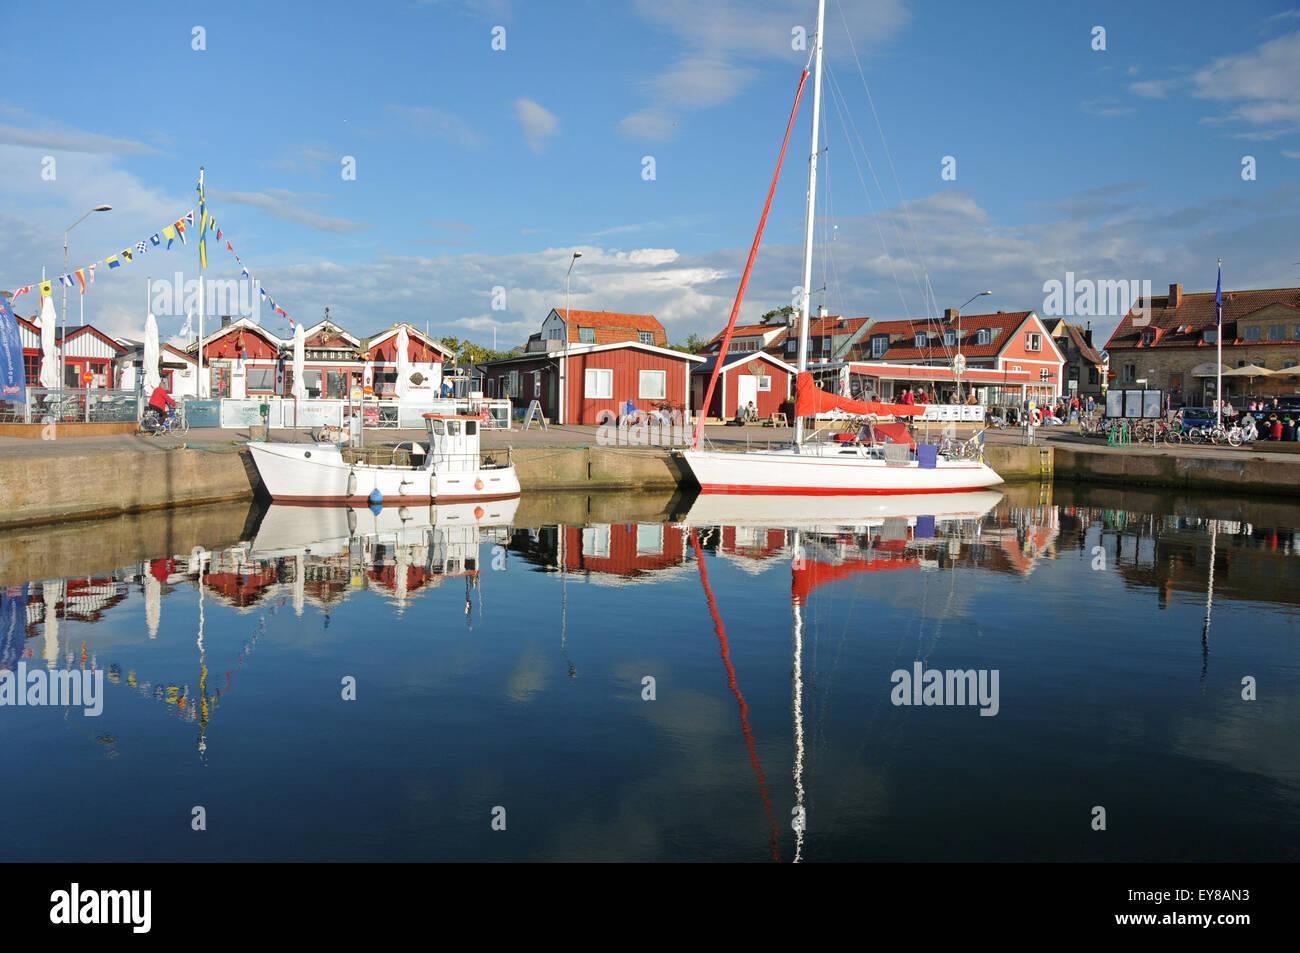 Porto e le barche a West Coast villaggio di Torekov in Skane nella Svezia meridionale Immagini Stock